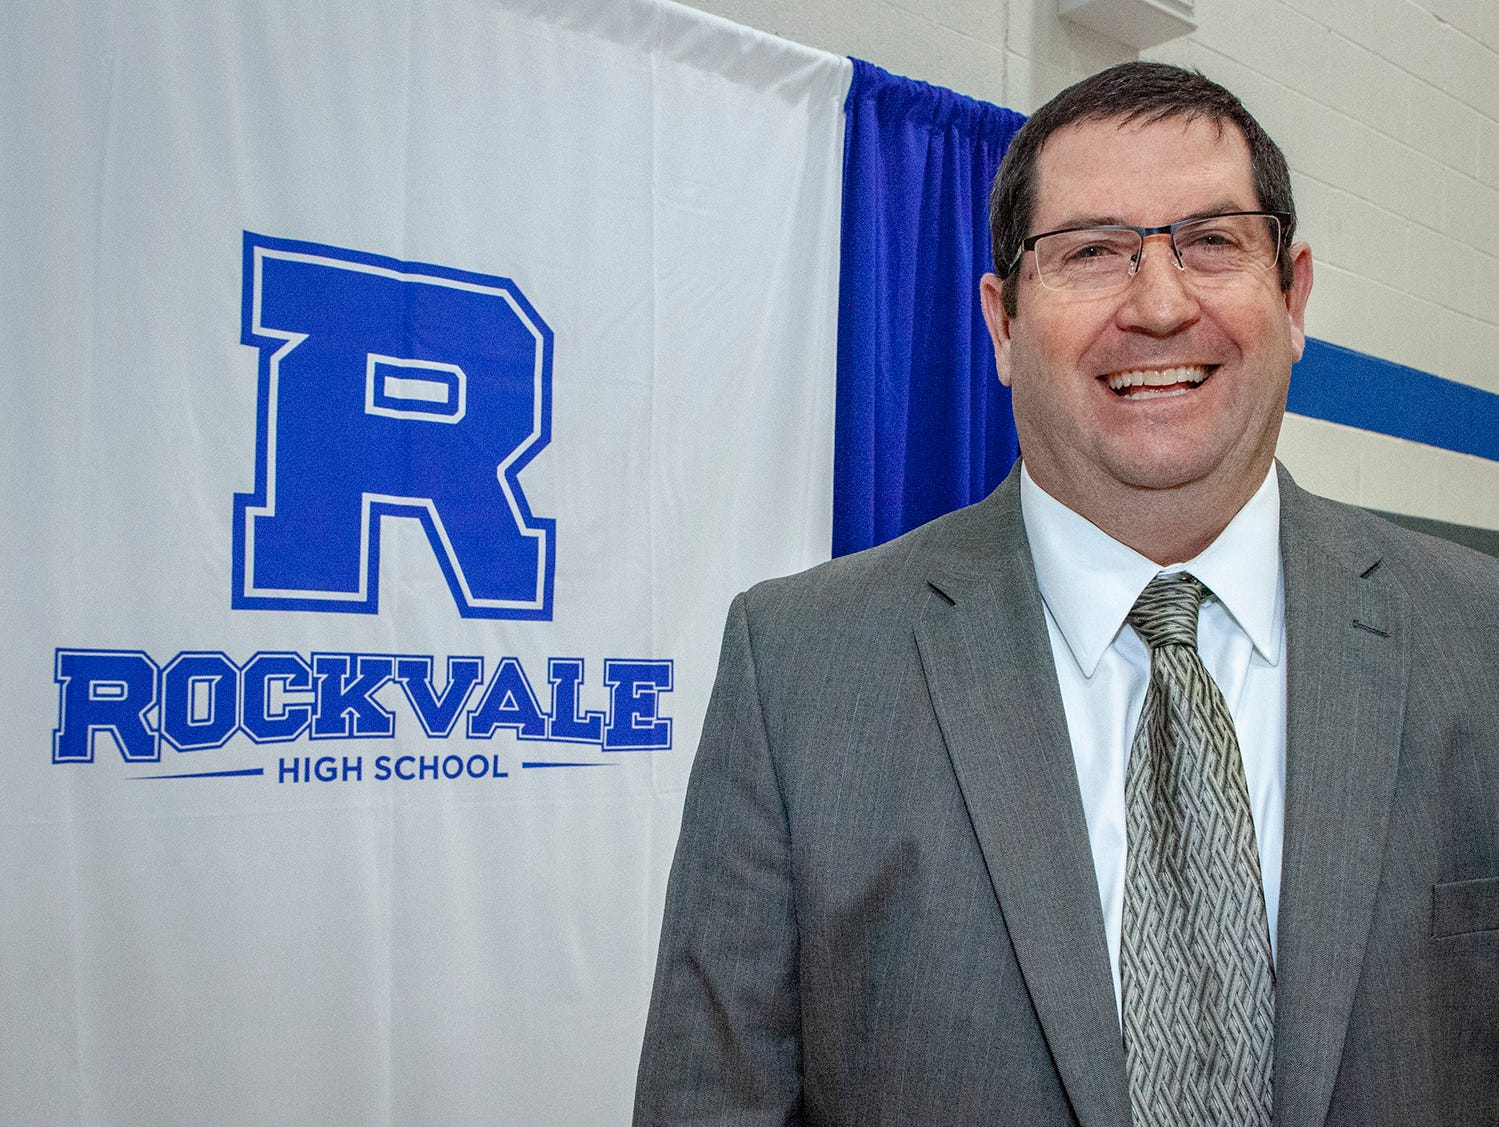 Steve Luker is principal of Rockvale High School, which is set to open fall 2019.